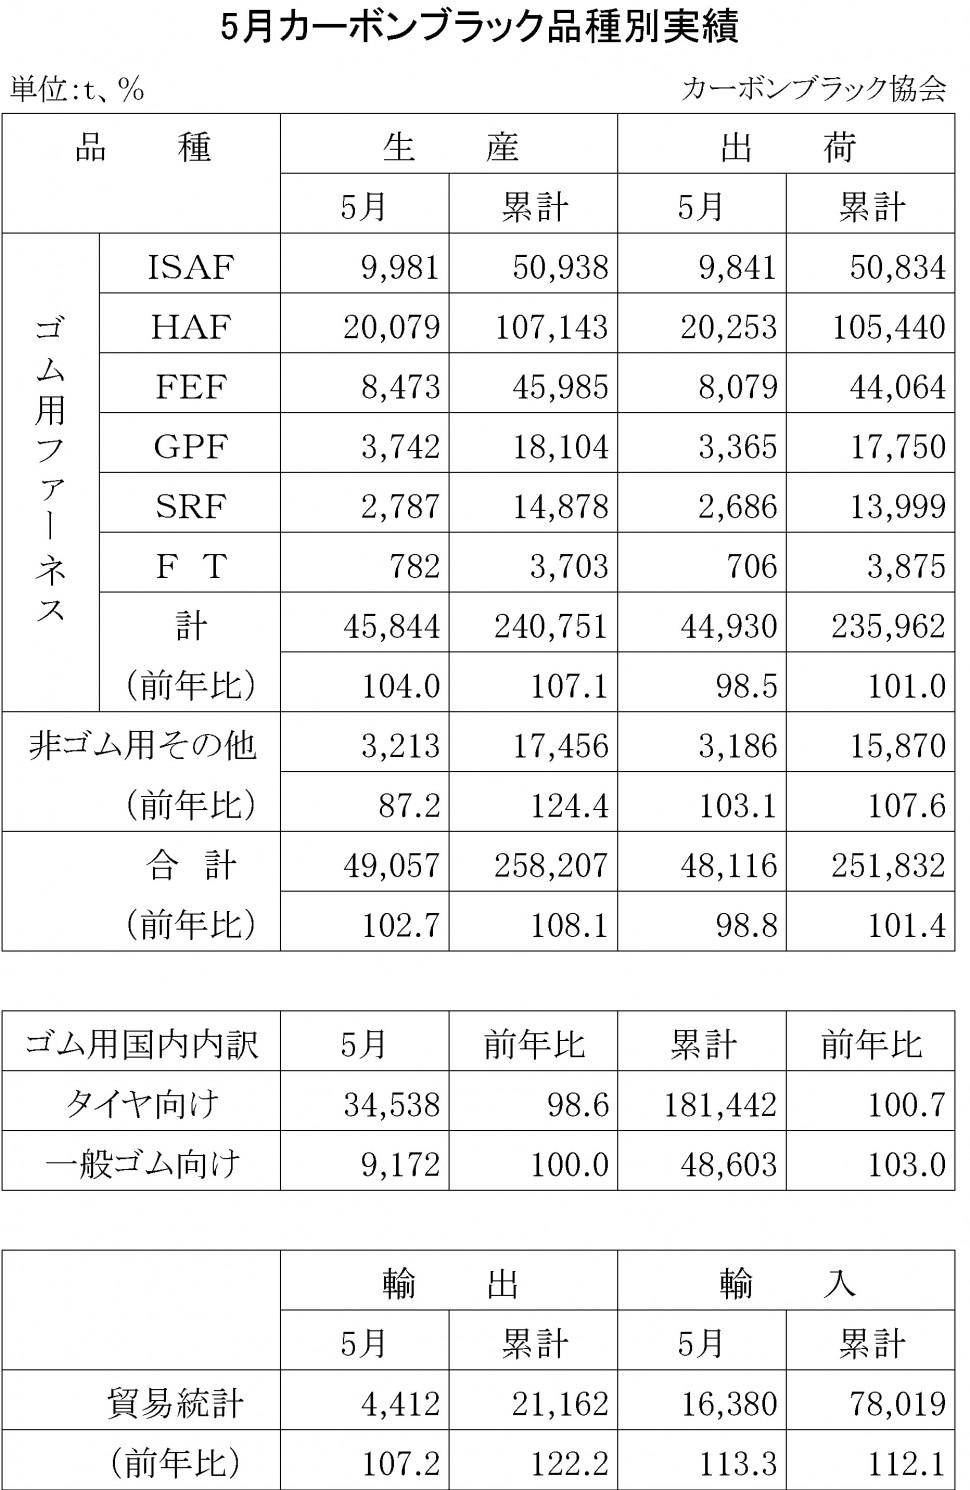 2014年5月のカーボンブラック品種別実績